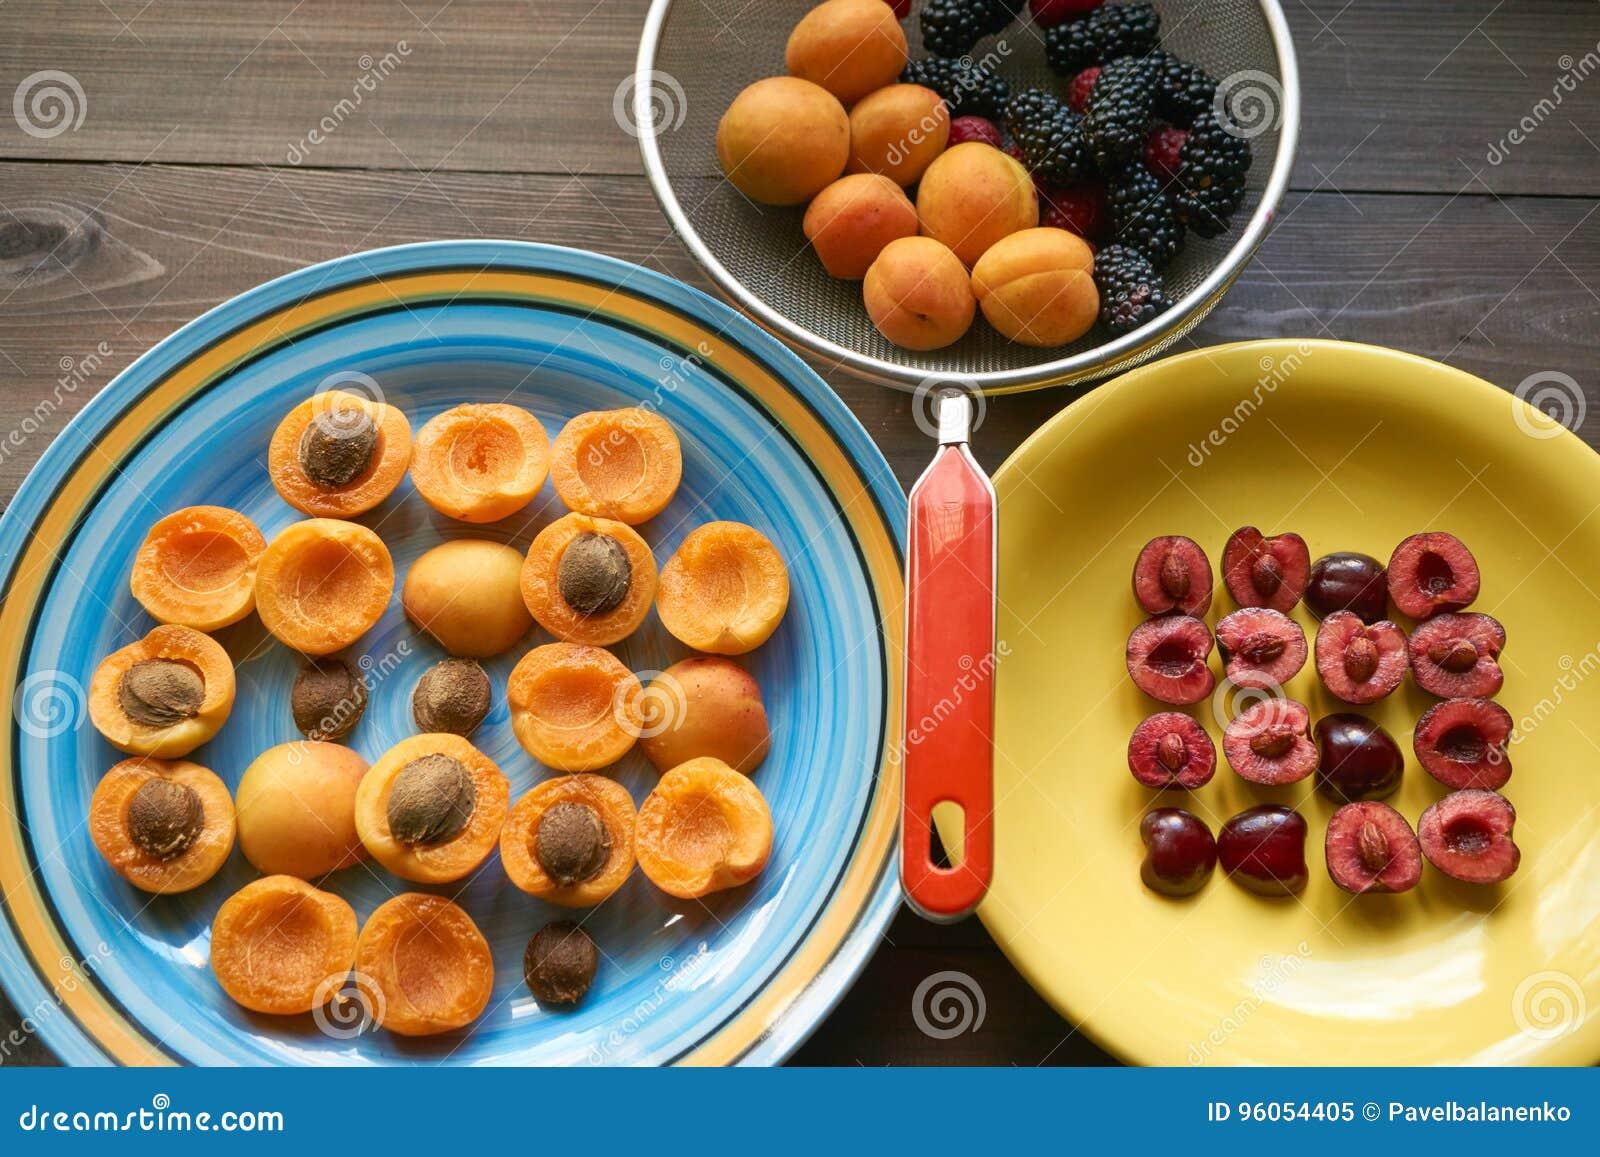 Plats avec des abricots et des cerises et passoire complètement des baies